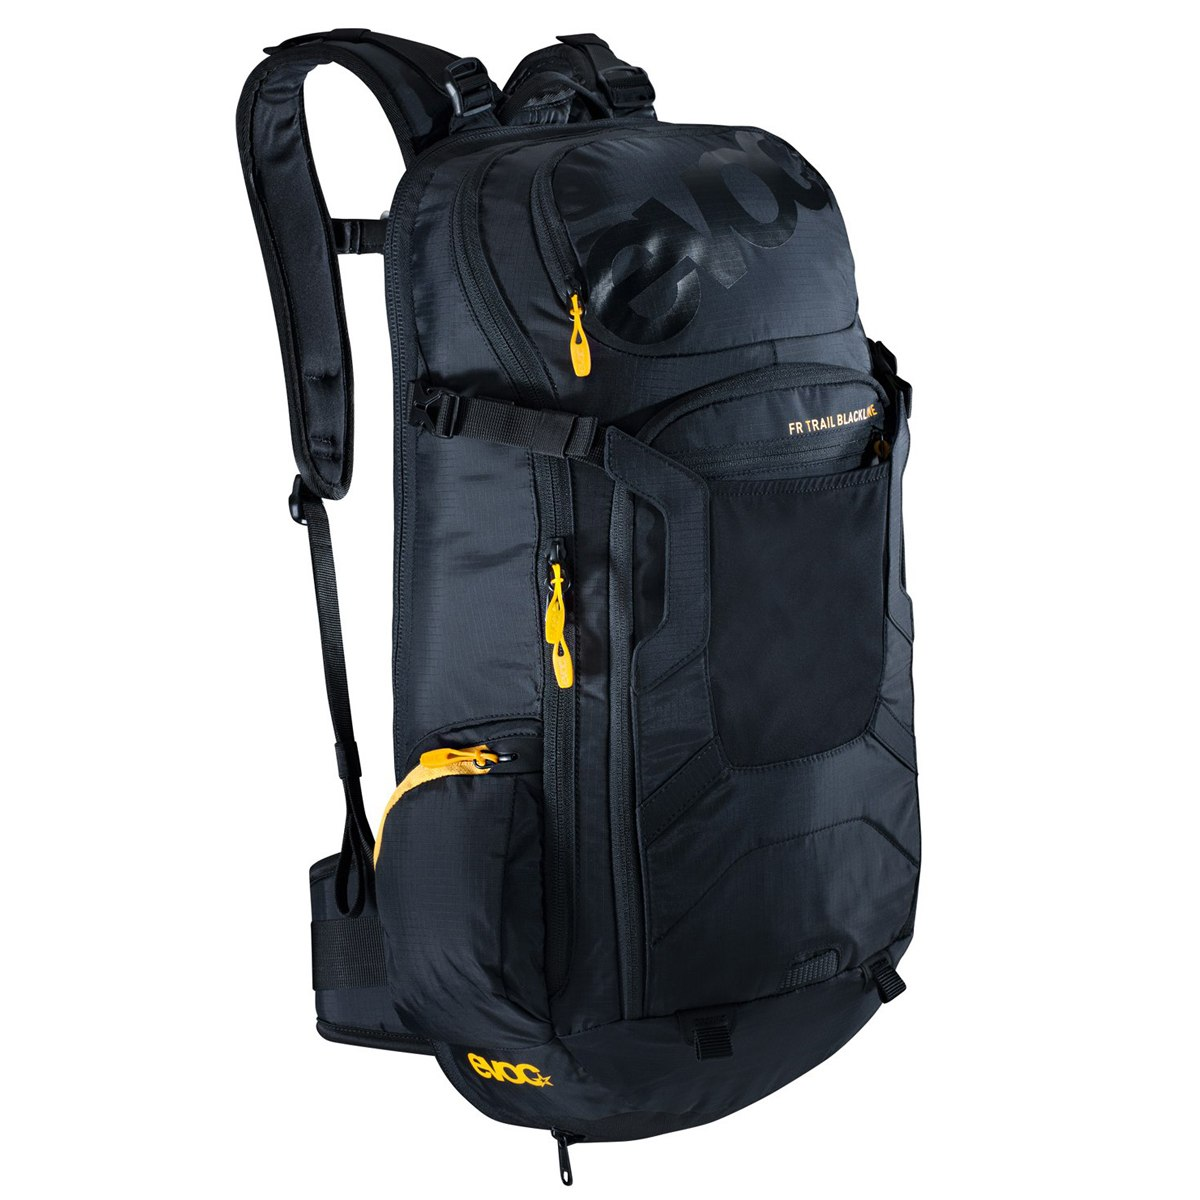 Foto de Evoc FR TRAIL BLACKLINE - 20L Protector Backpack - Black